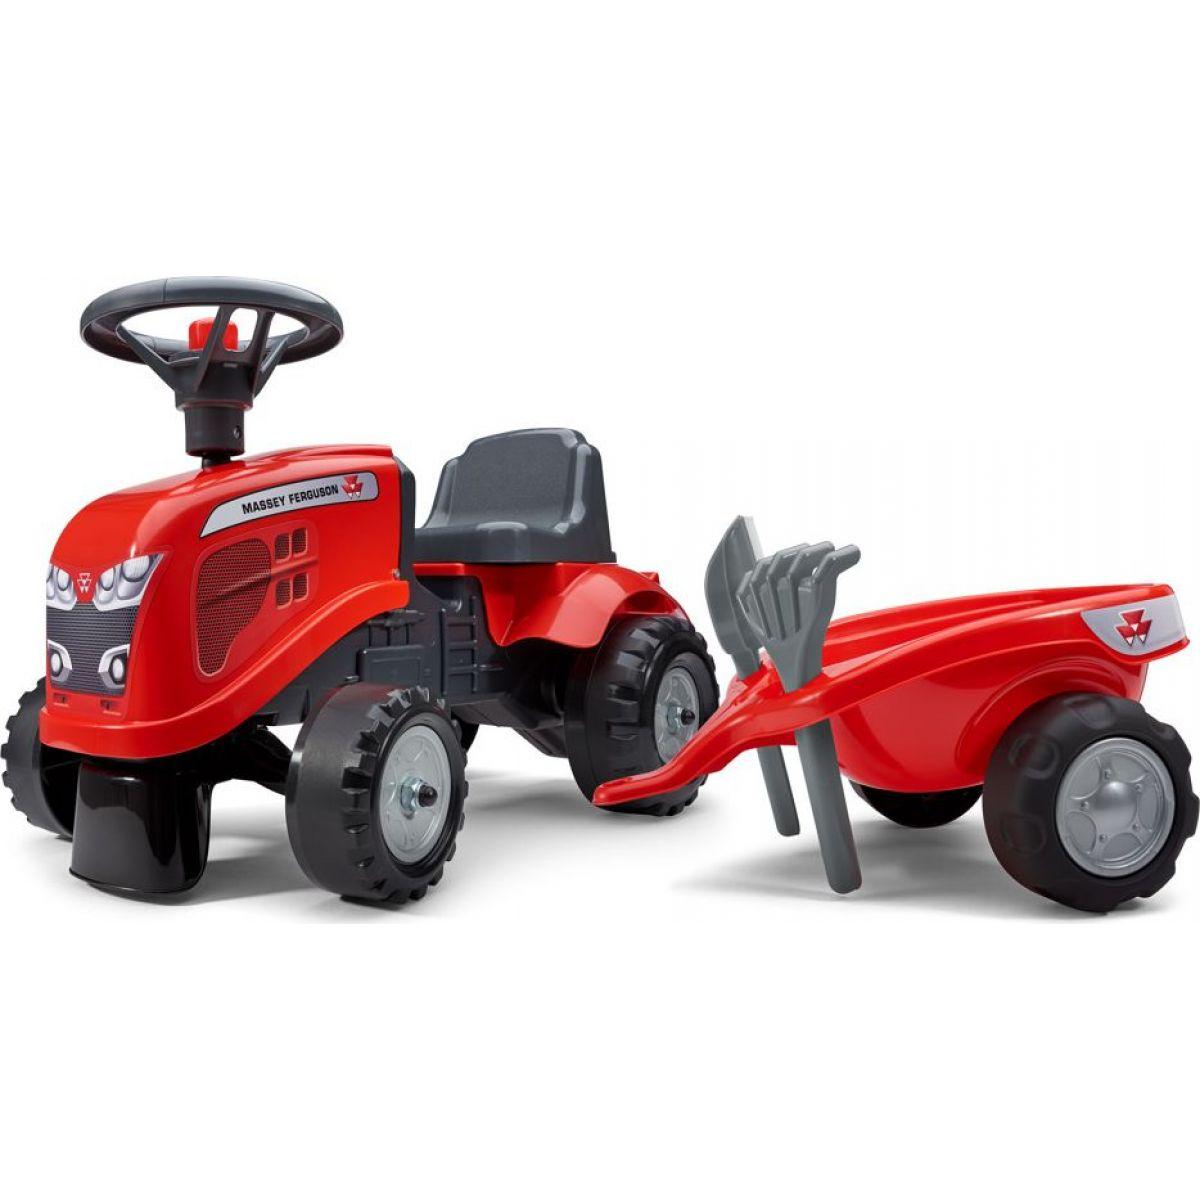 Falk Odstrkovadlo traktor Massey Ferguson červené, volant a valník